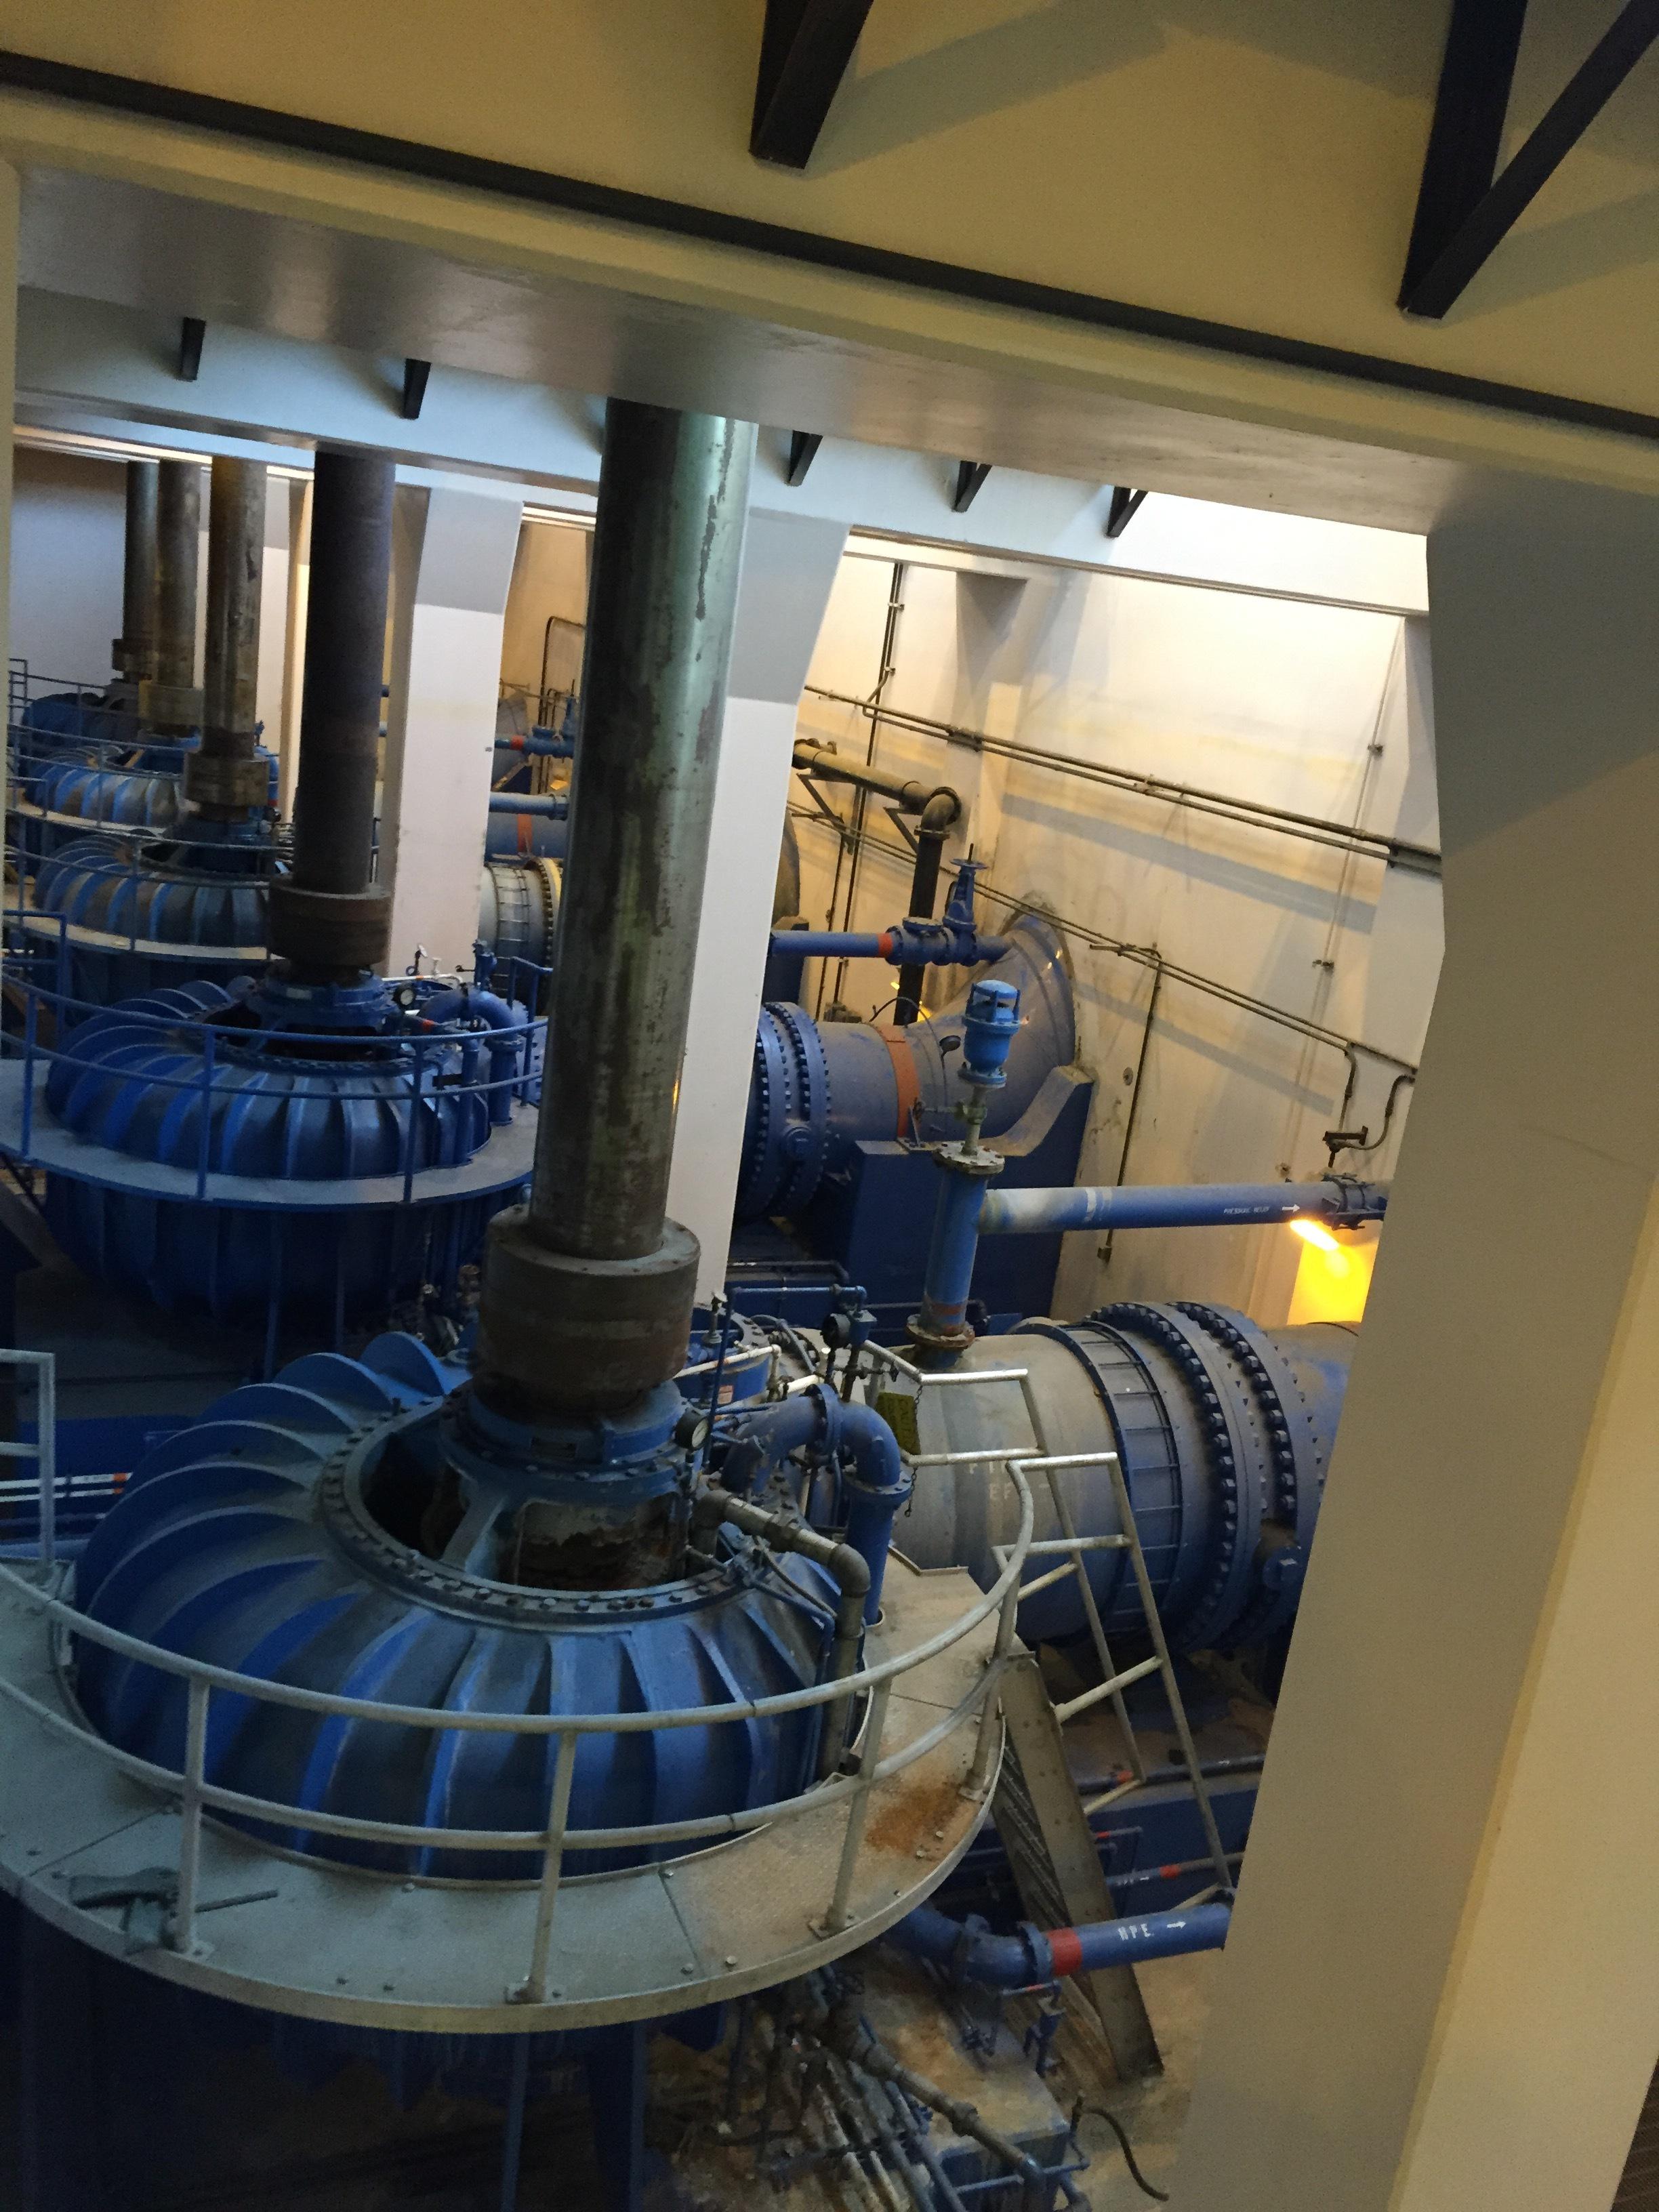 Pumps for high tide